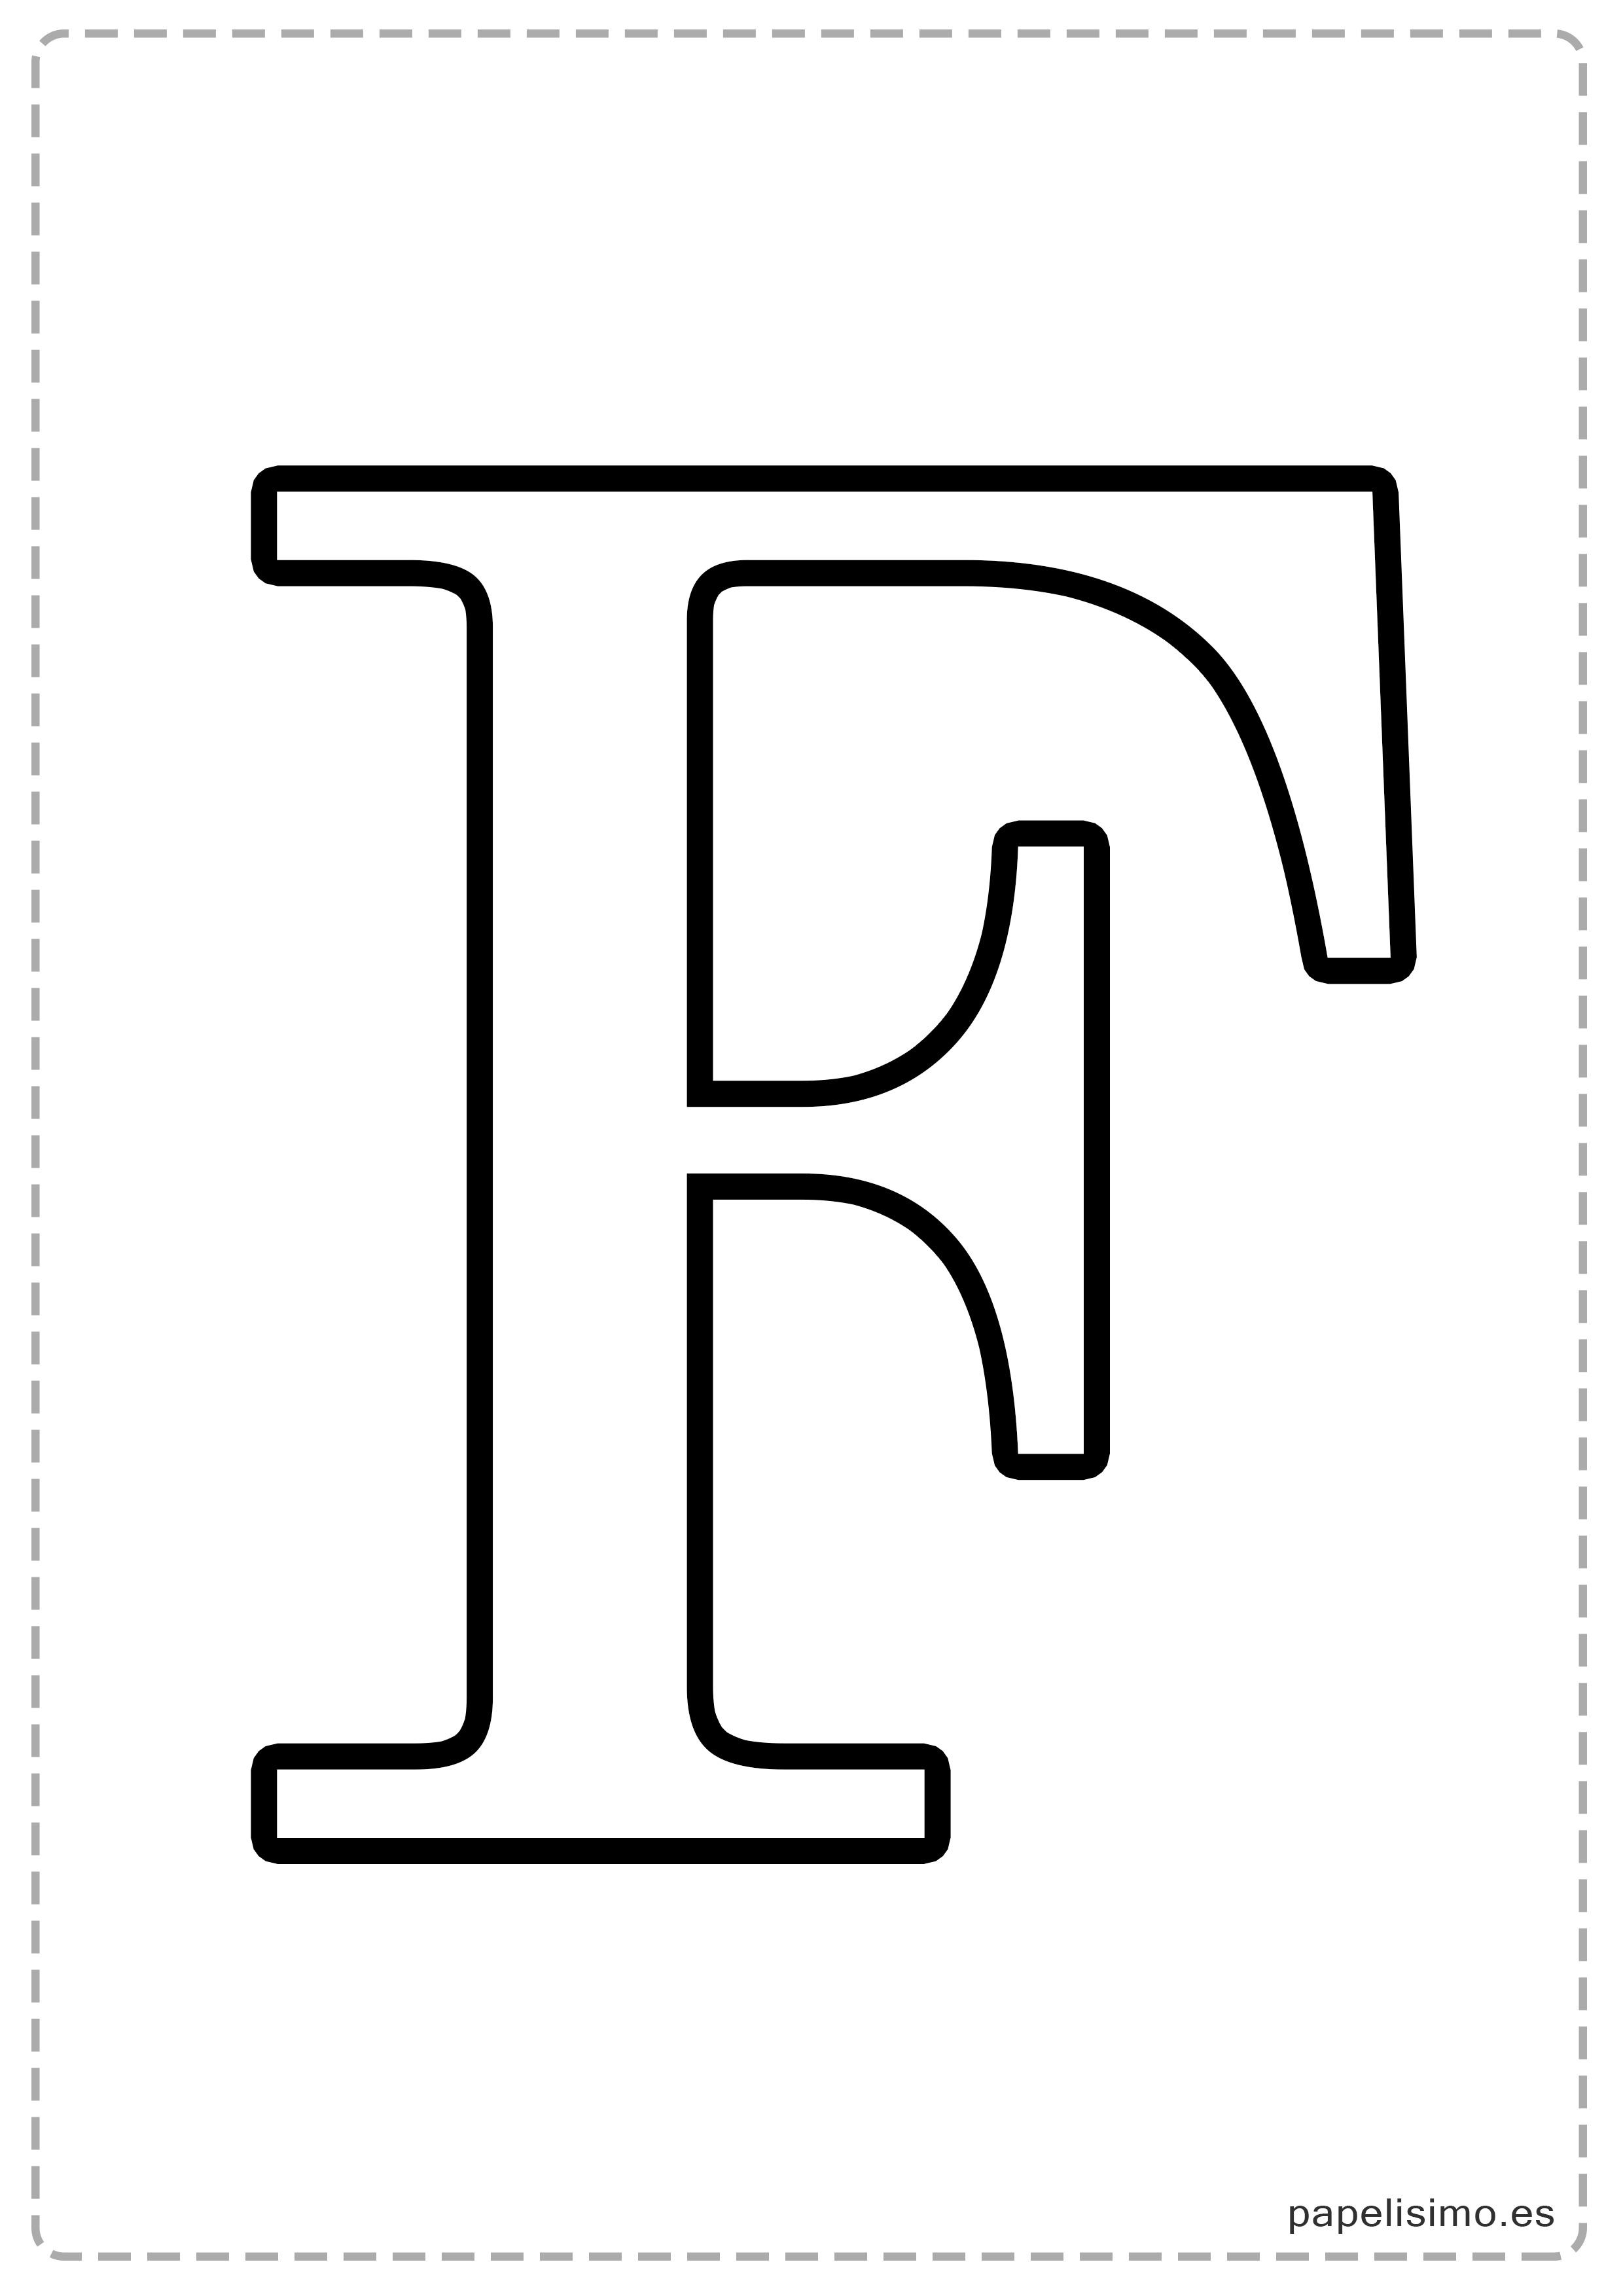 Letras grandes para imprimir papelisimo - Letras para letreros grandes ...